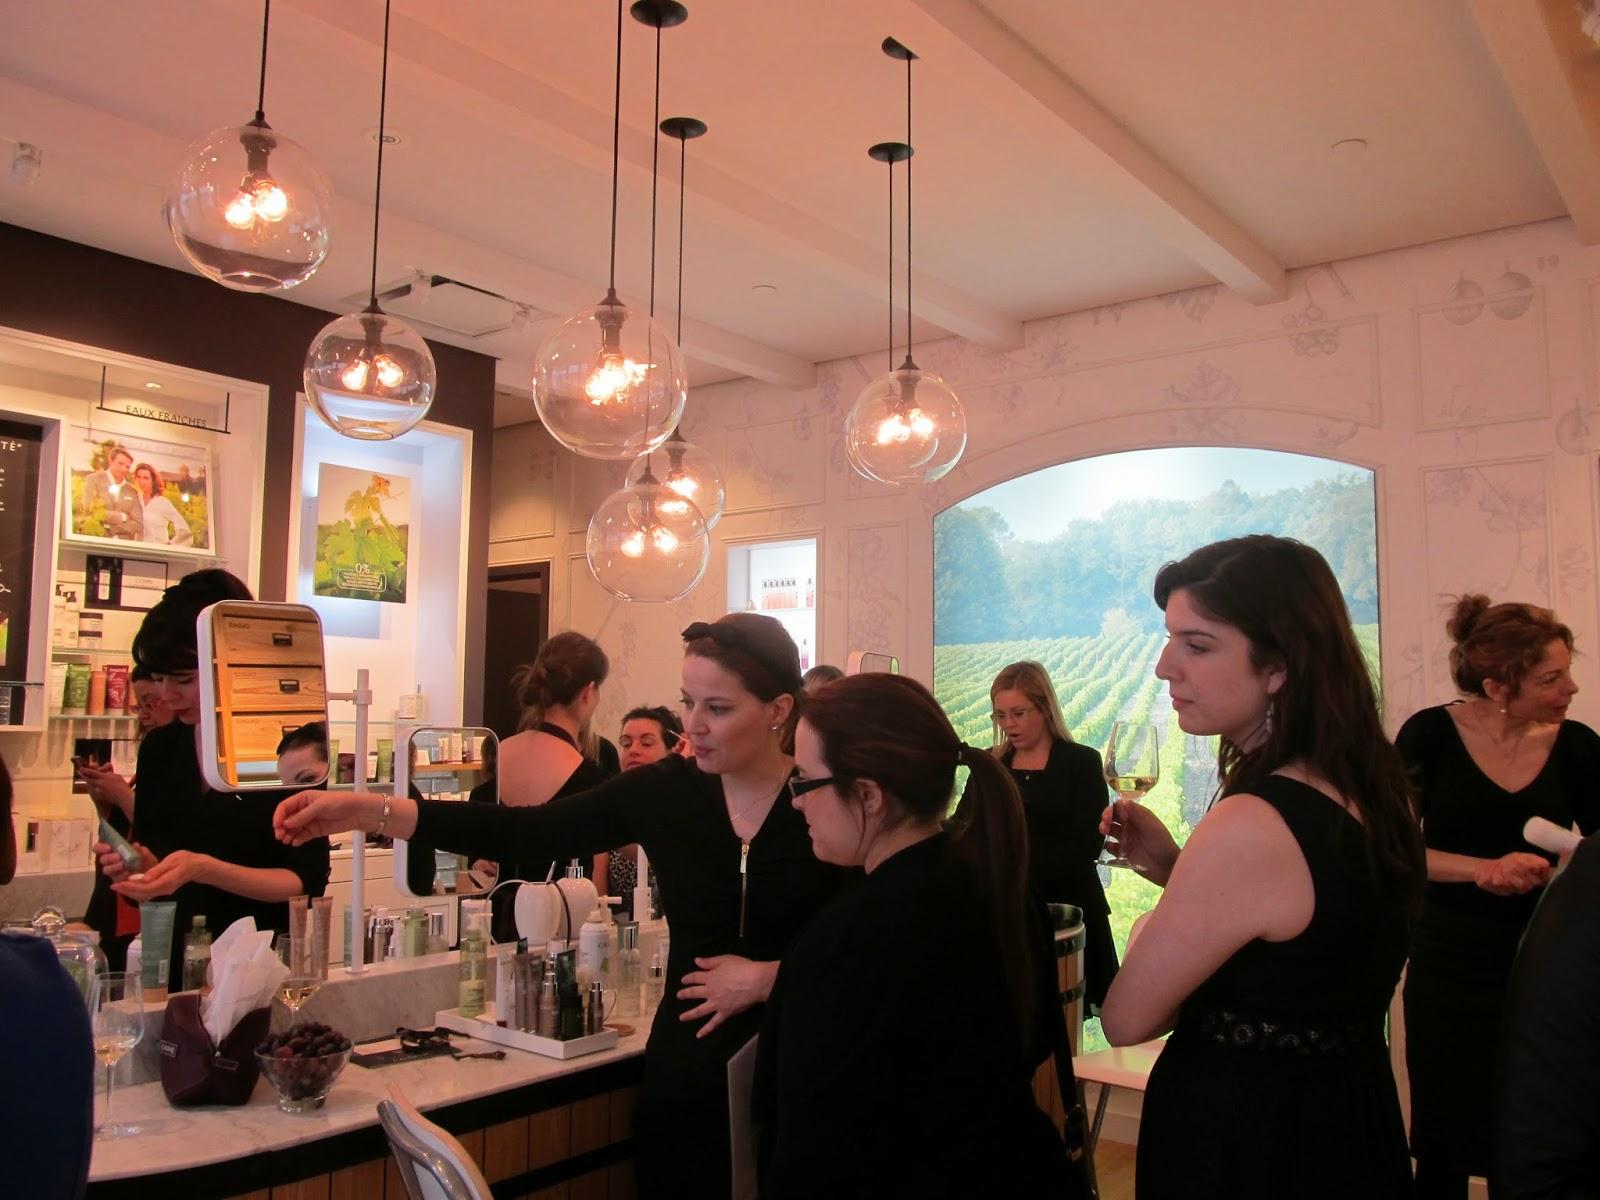 Un événement rassembleur autour de la vinothérapie par Mères et Cie au spa Caudalie #CaudalieCanada #QuartierDix30